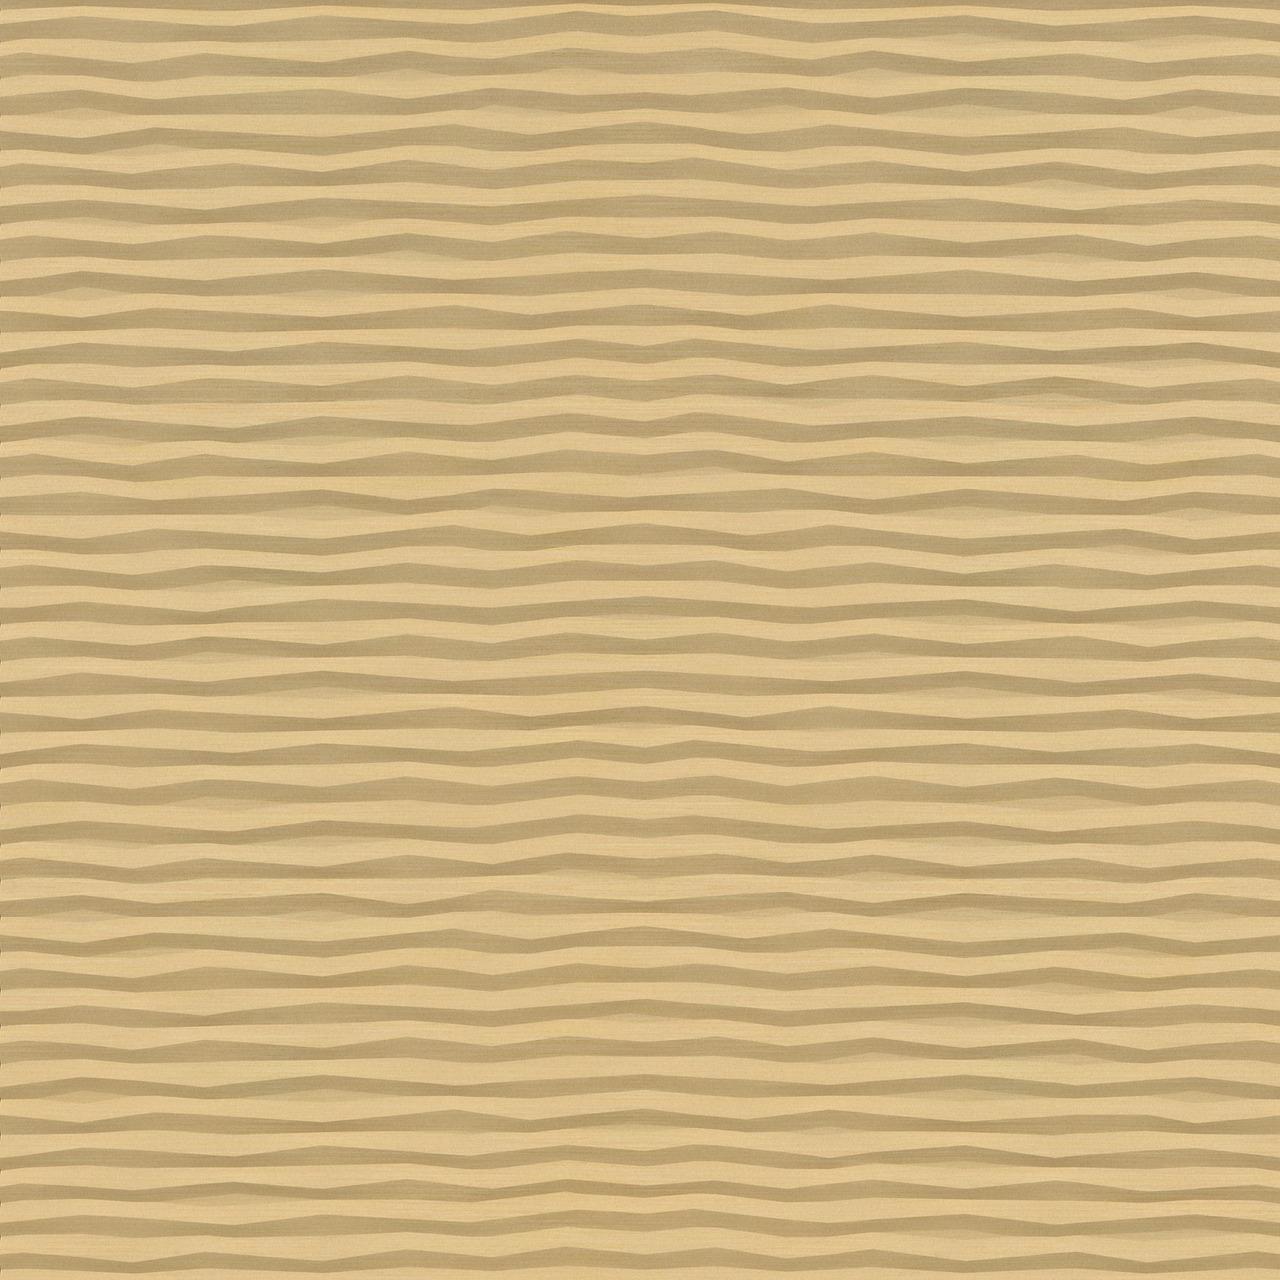 texture-1027775_1280